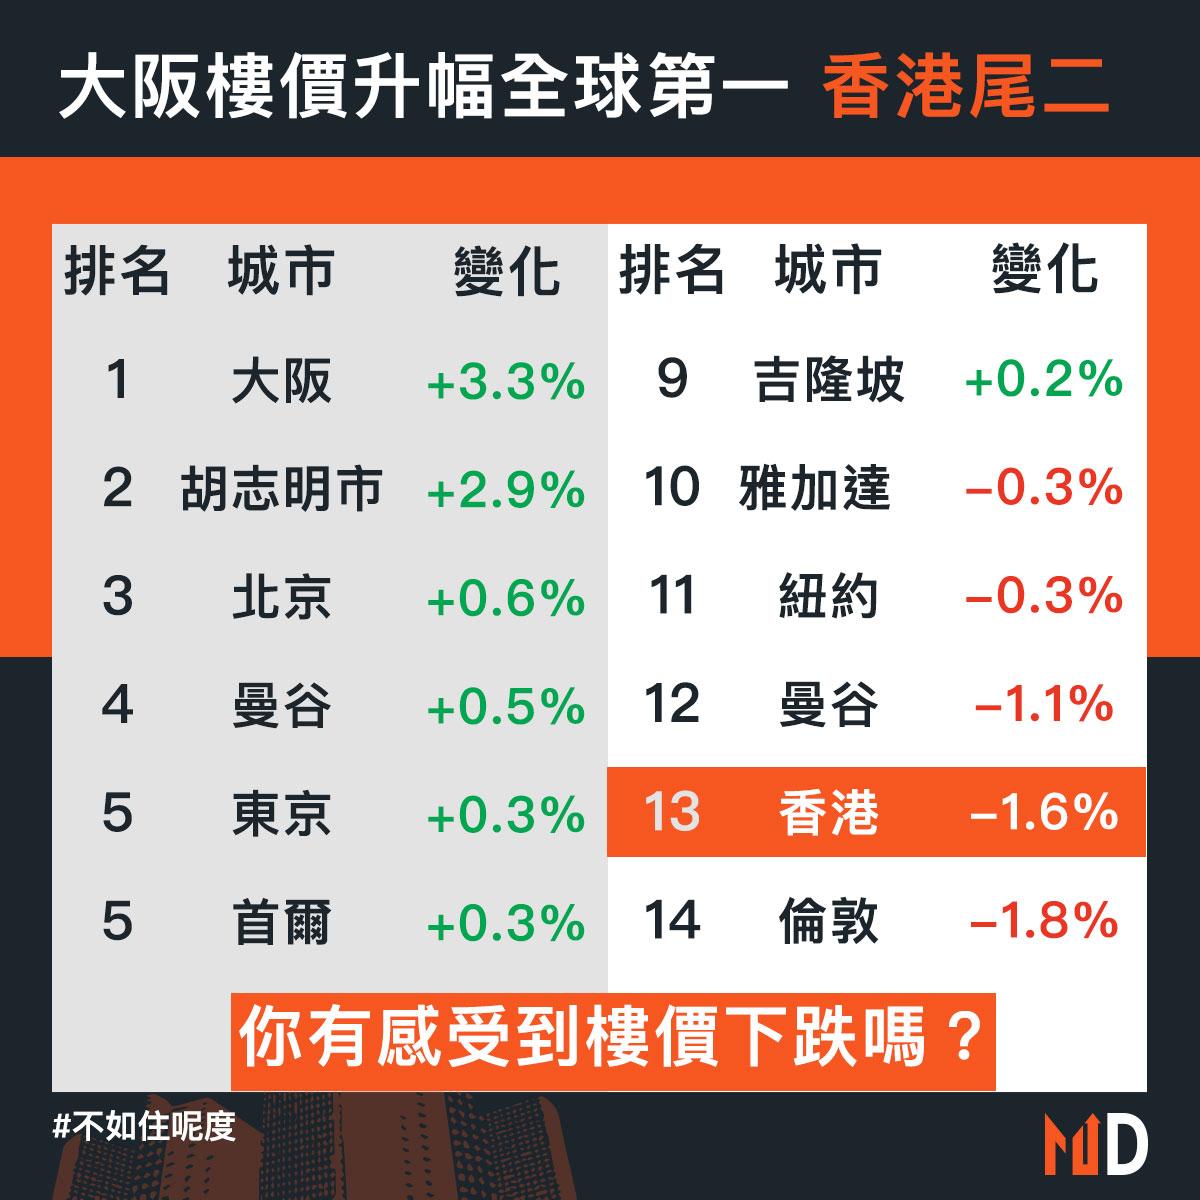 【不如住呢度】大阪樓價升幅全球第一 香港尾二